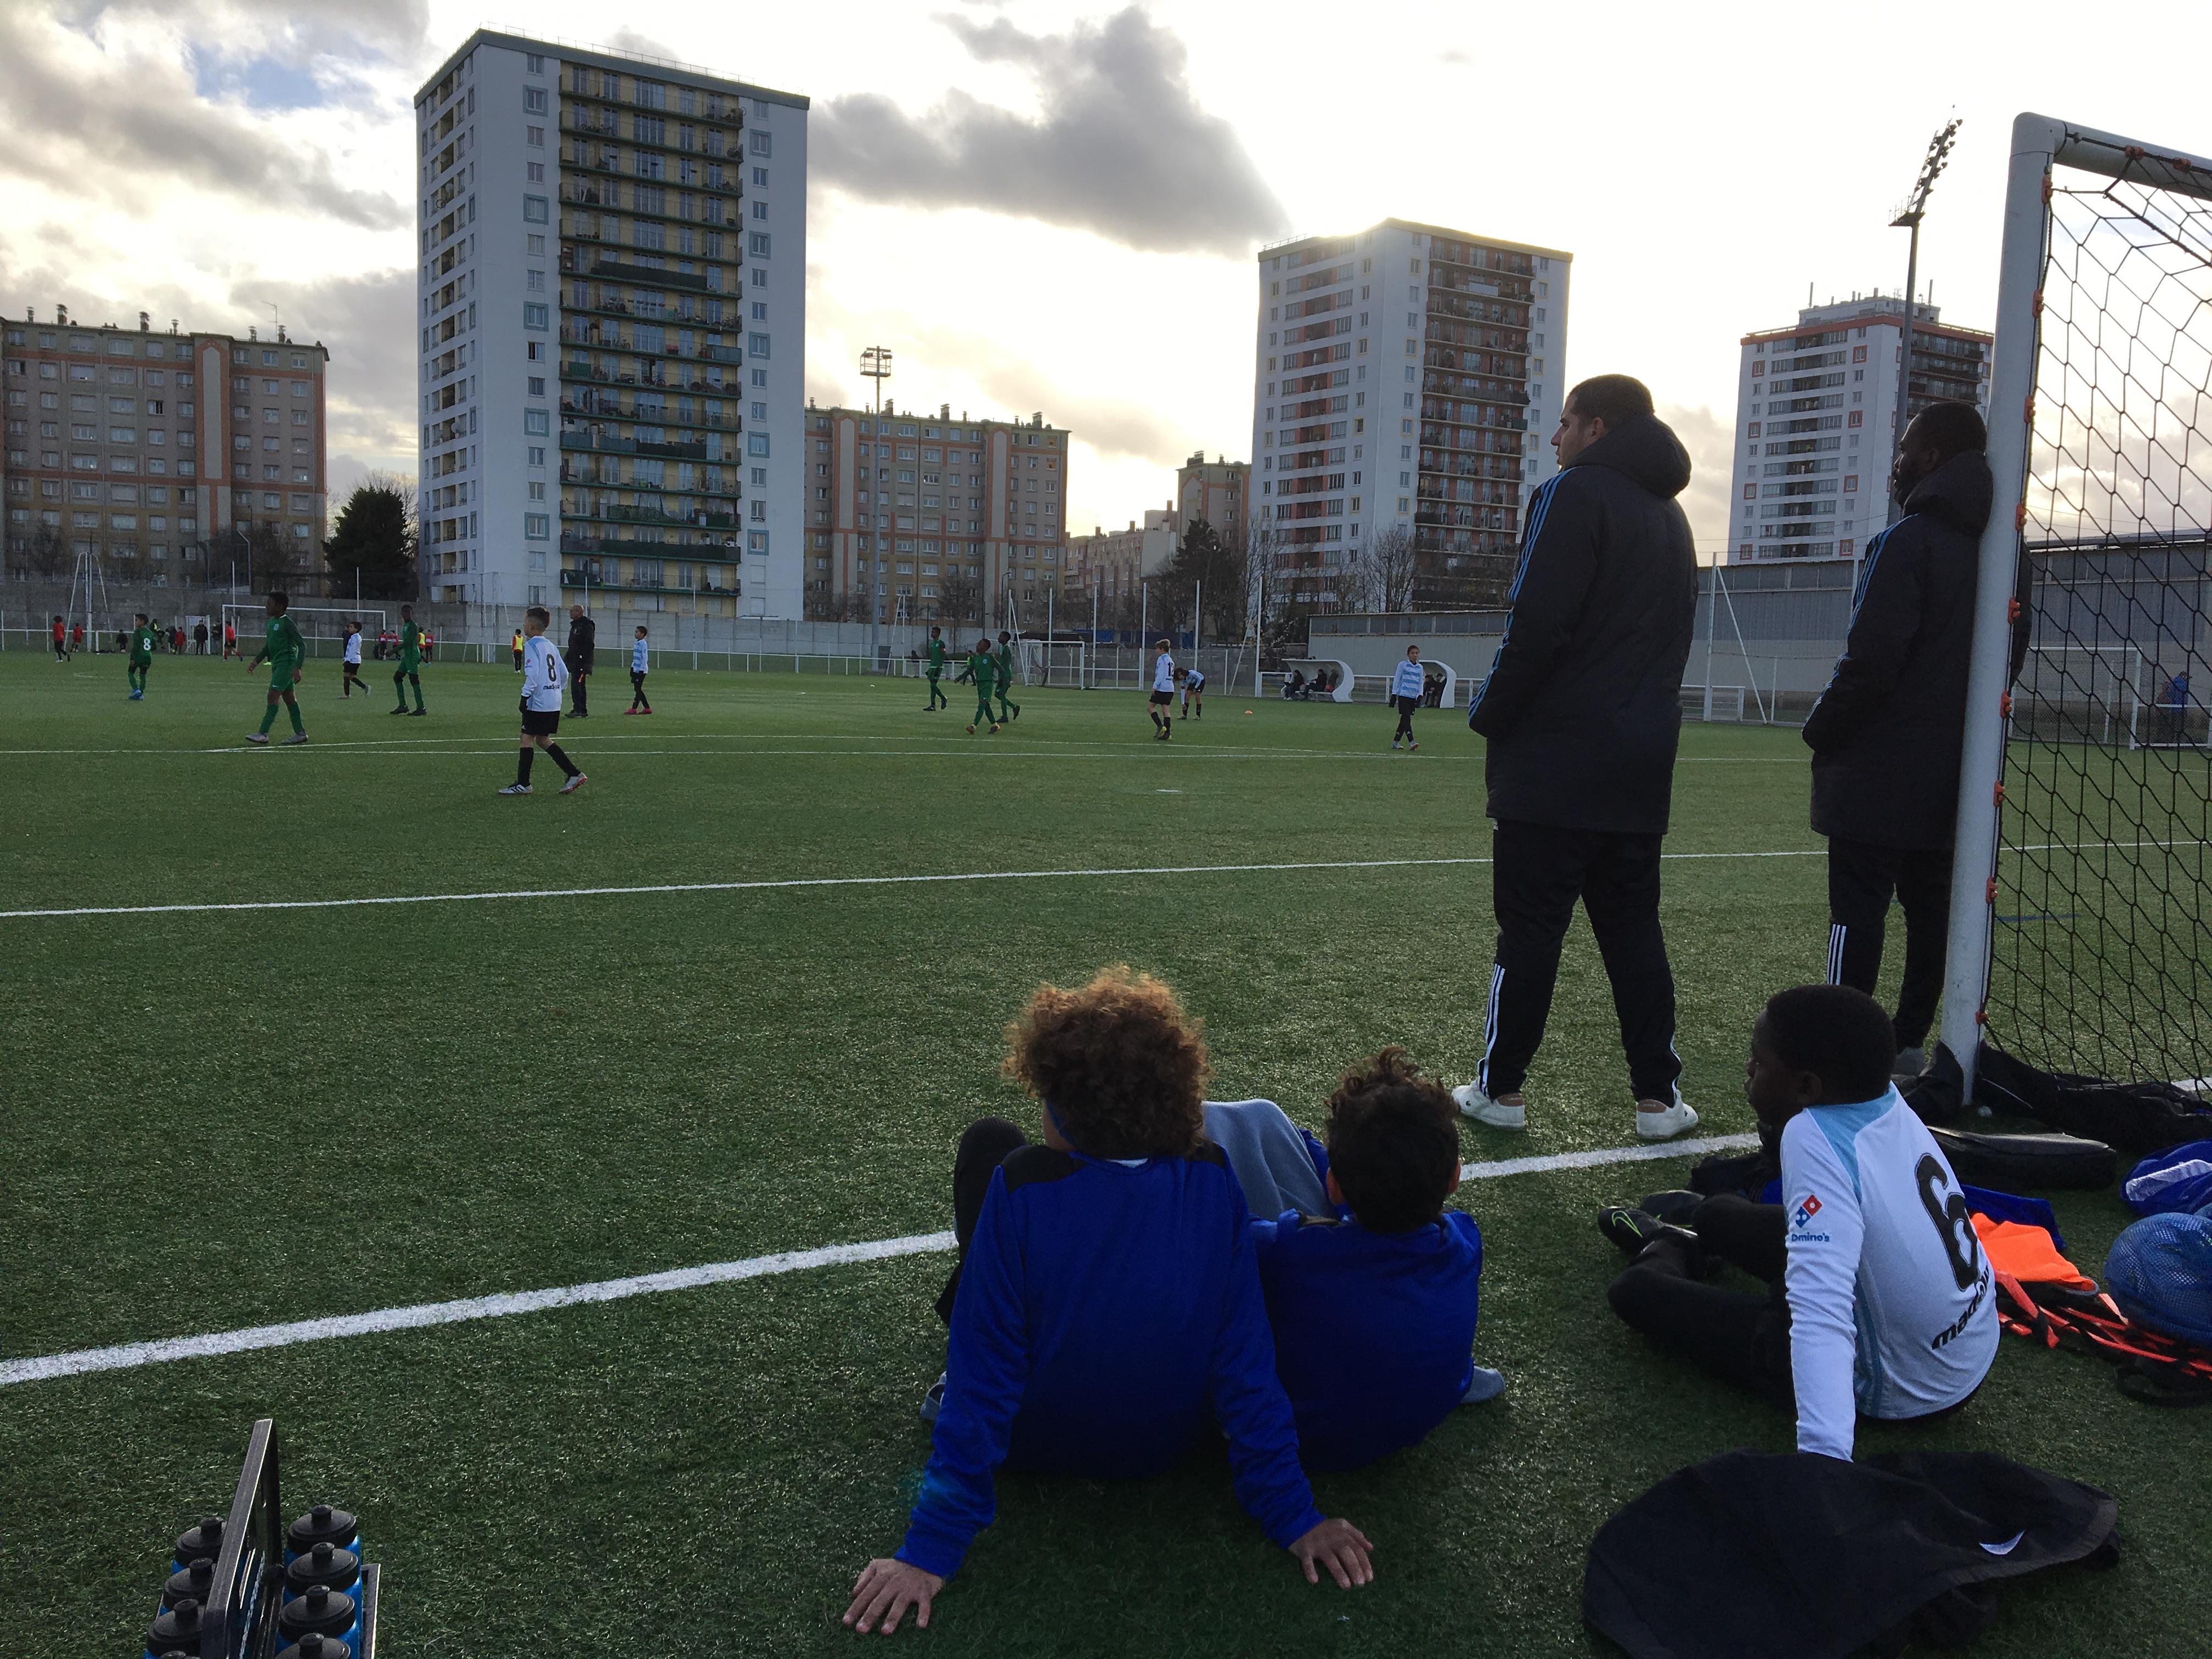 «Quand les enfants voient qu'on ne s'énerve pas alors qu'on a perdu, ils se rendent compte qu'ils ont bien joué et qu'ils ont fait ce qu'il fallait.»